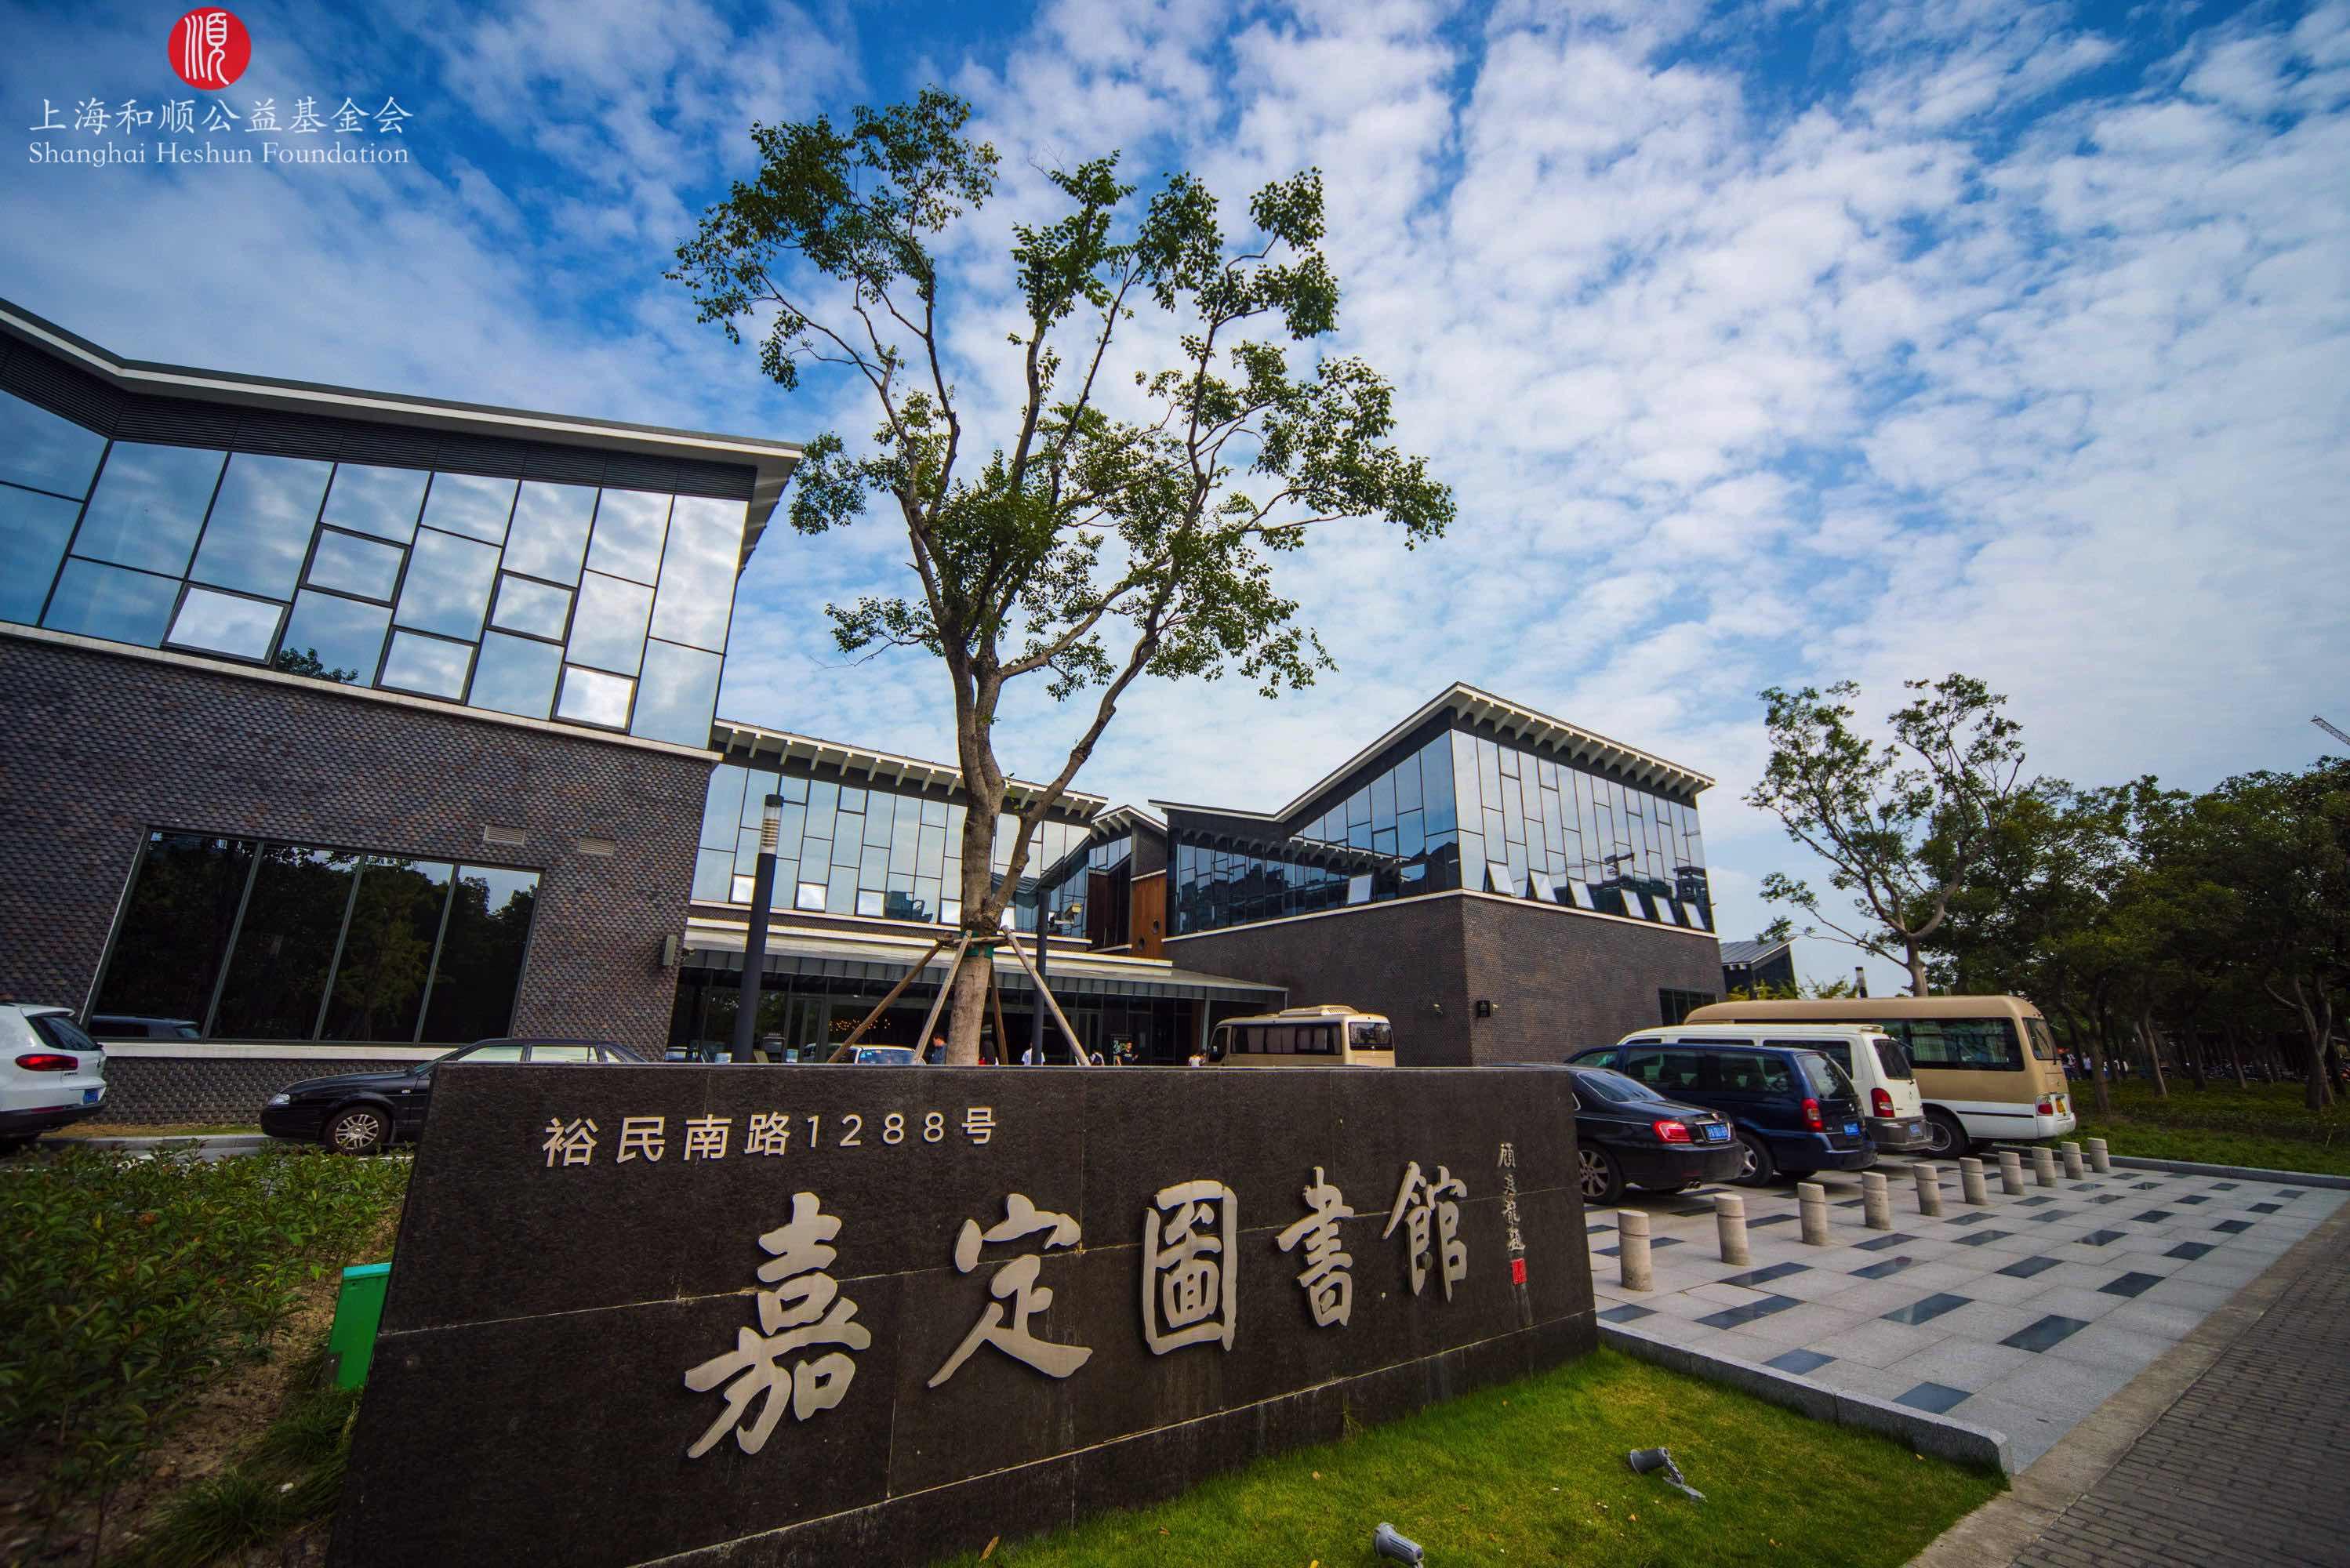 与上海嘉定区图书馆,也曾多次在弘扬中华传统文化,完善公共文化服务